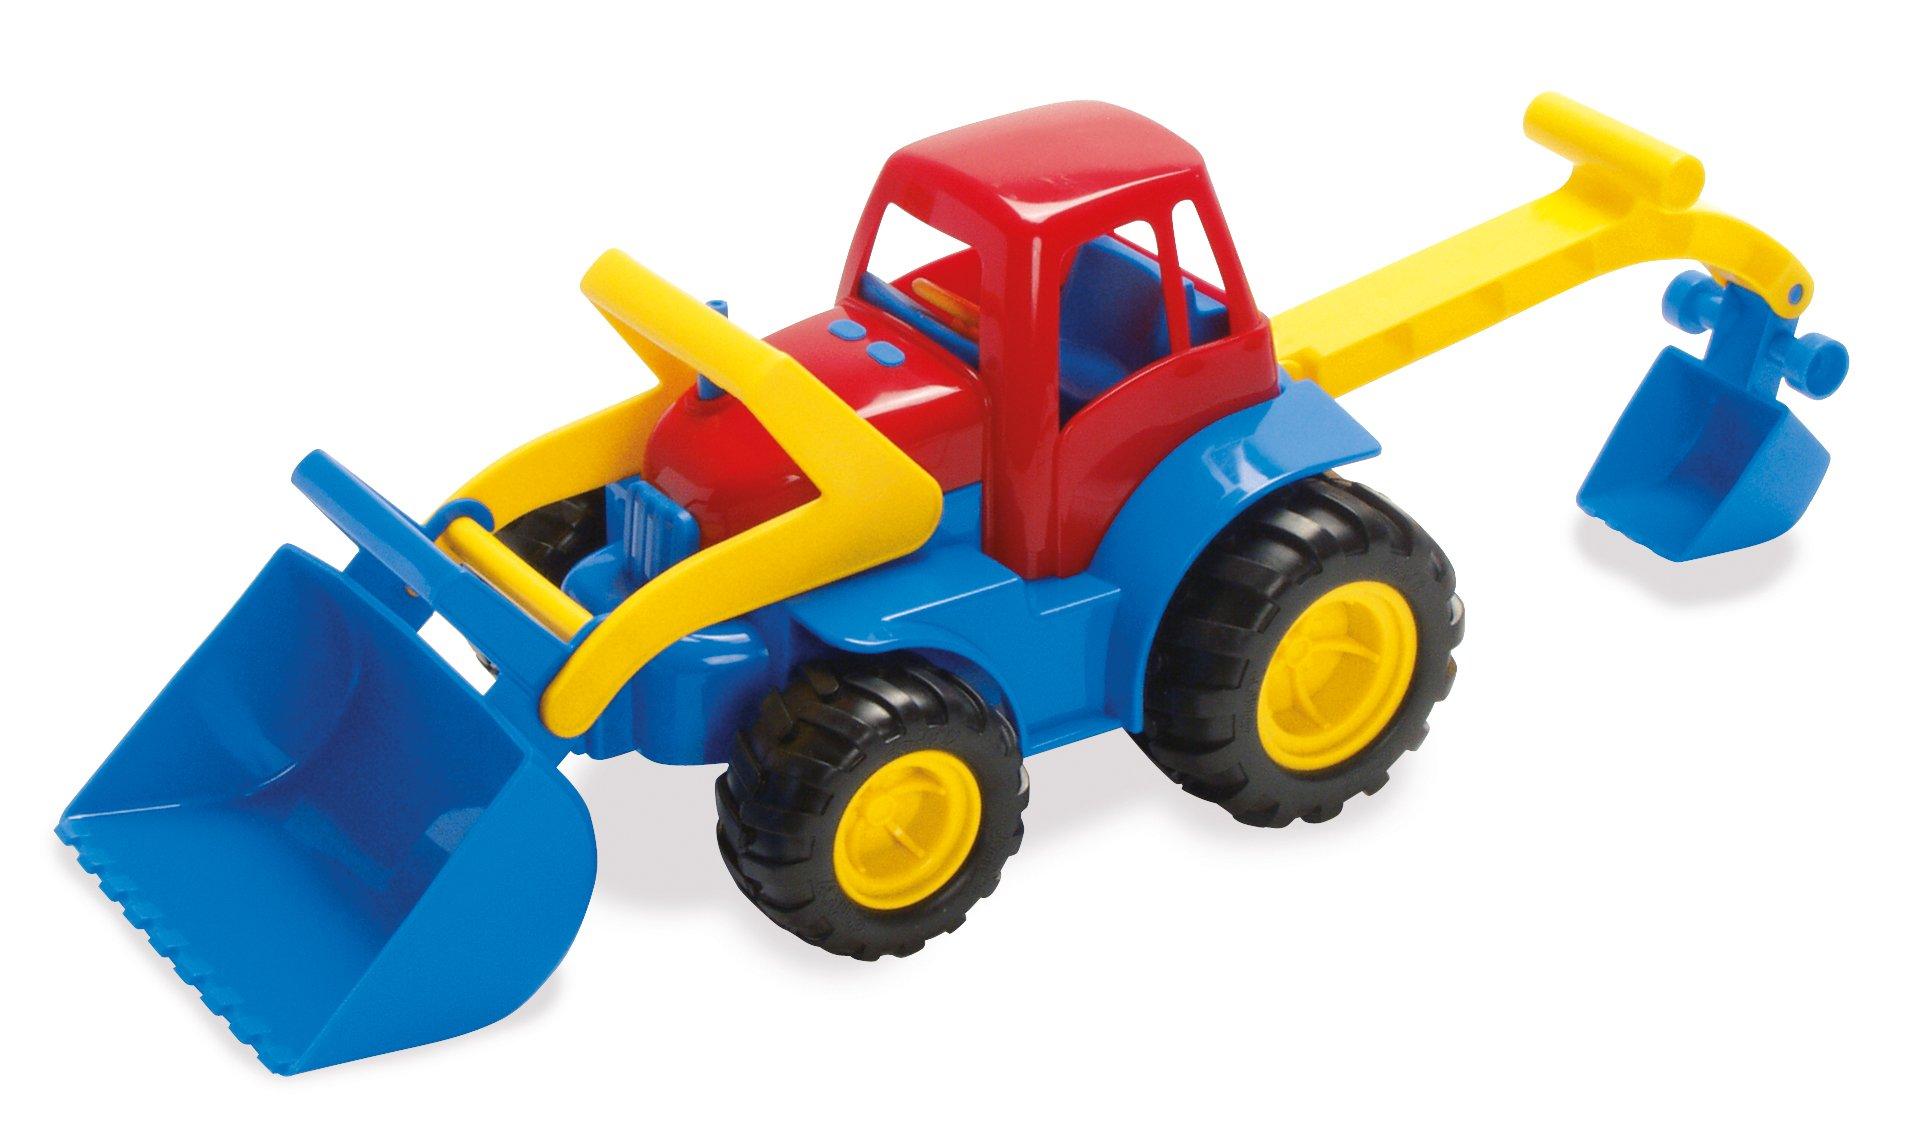 Dantoy - Tractor with Frontloader Excavator (2121)